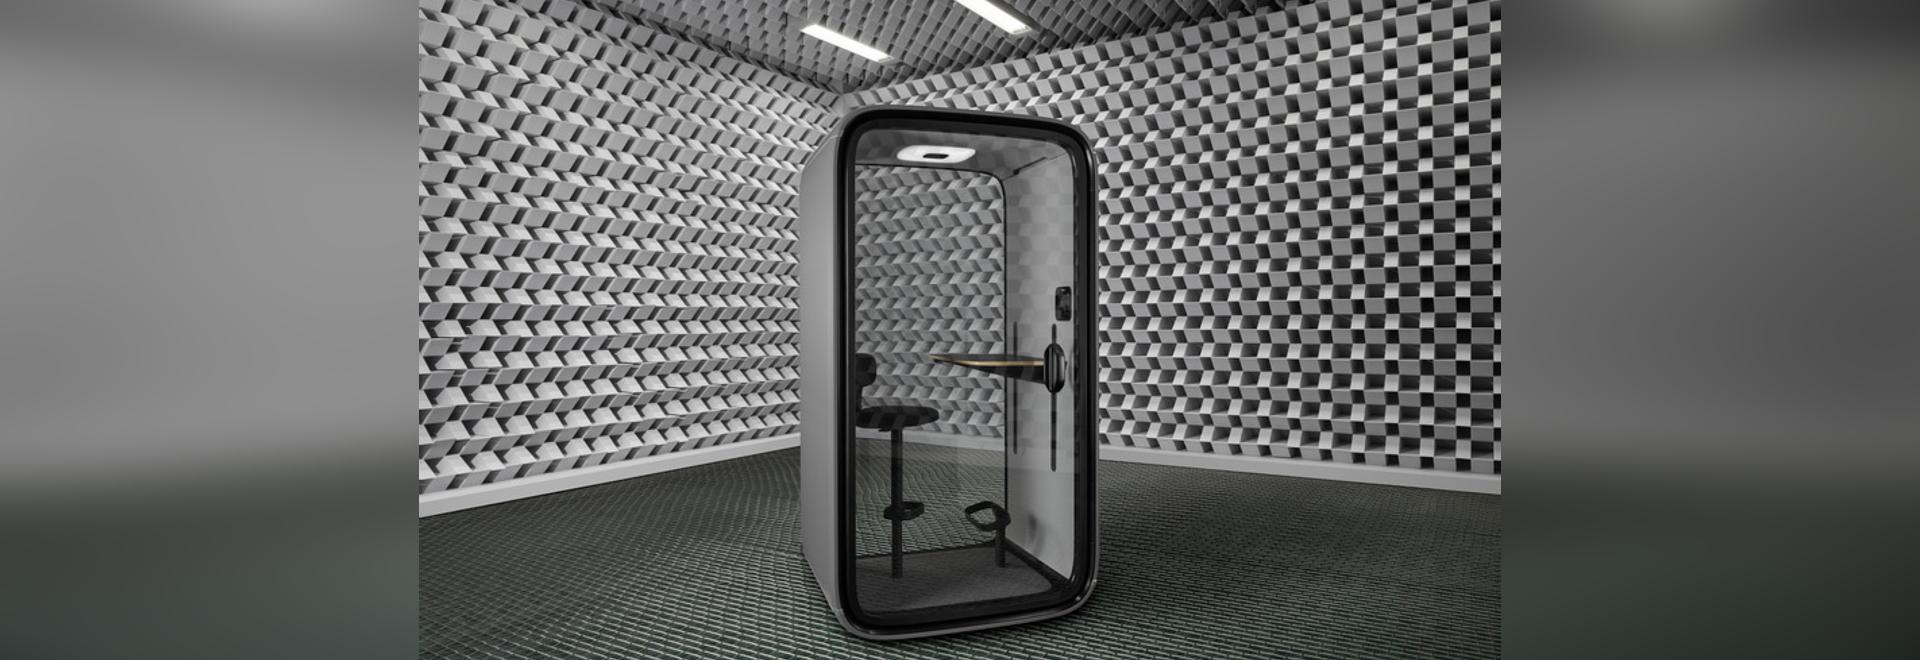 Framery bringt die erste vollständig vernetzte Akustikkabine auf den Markt